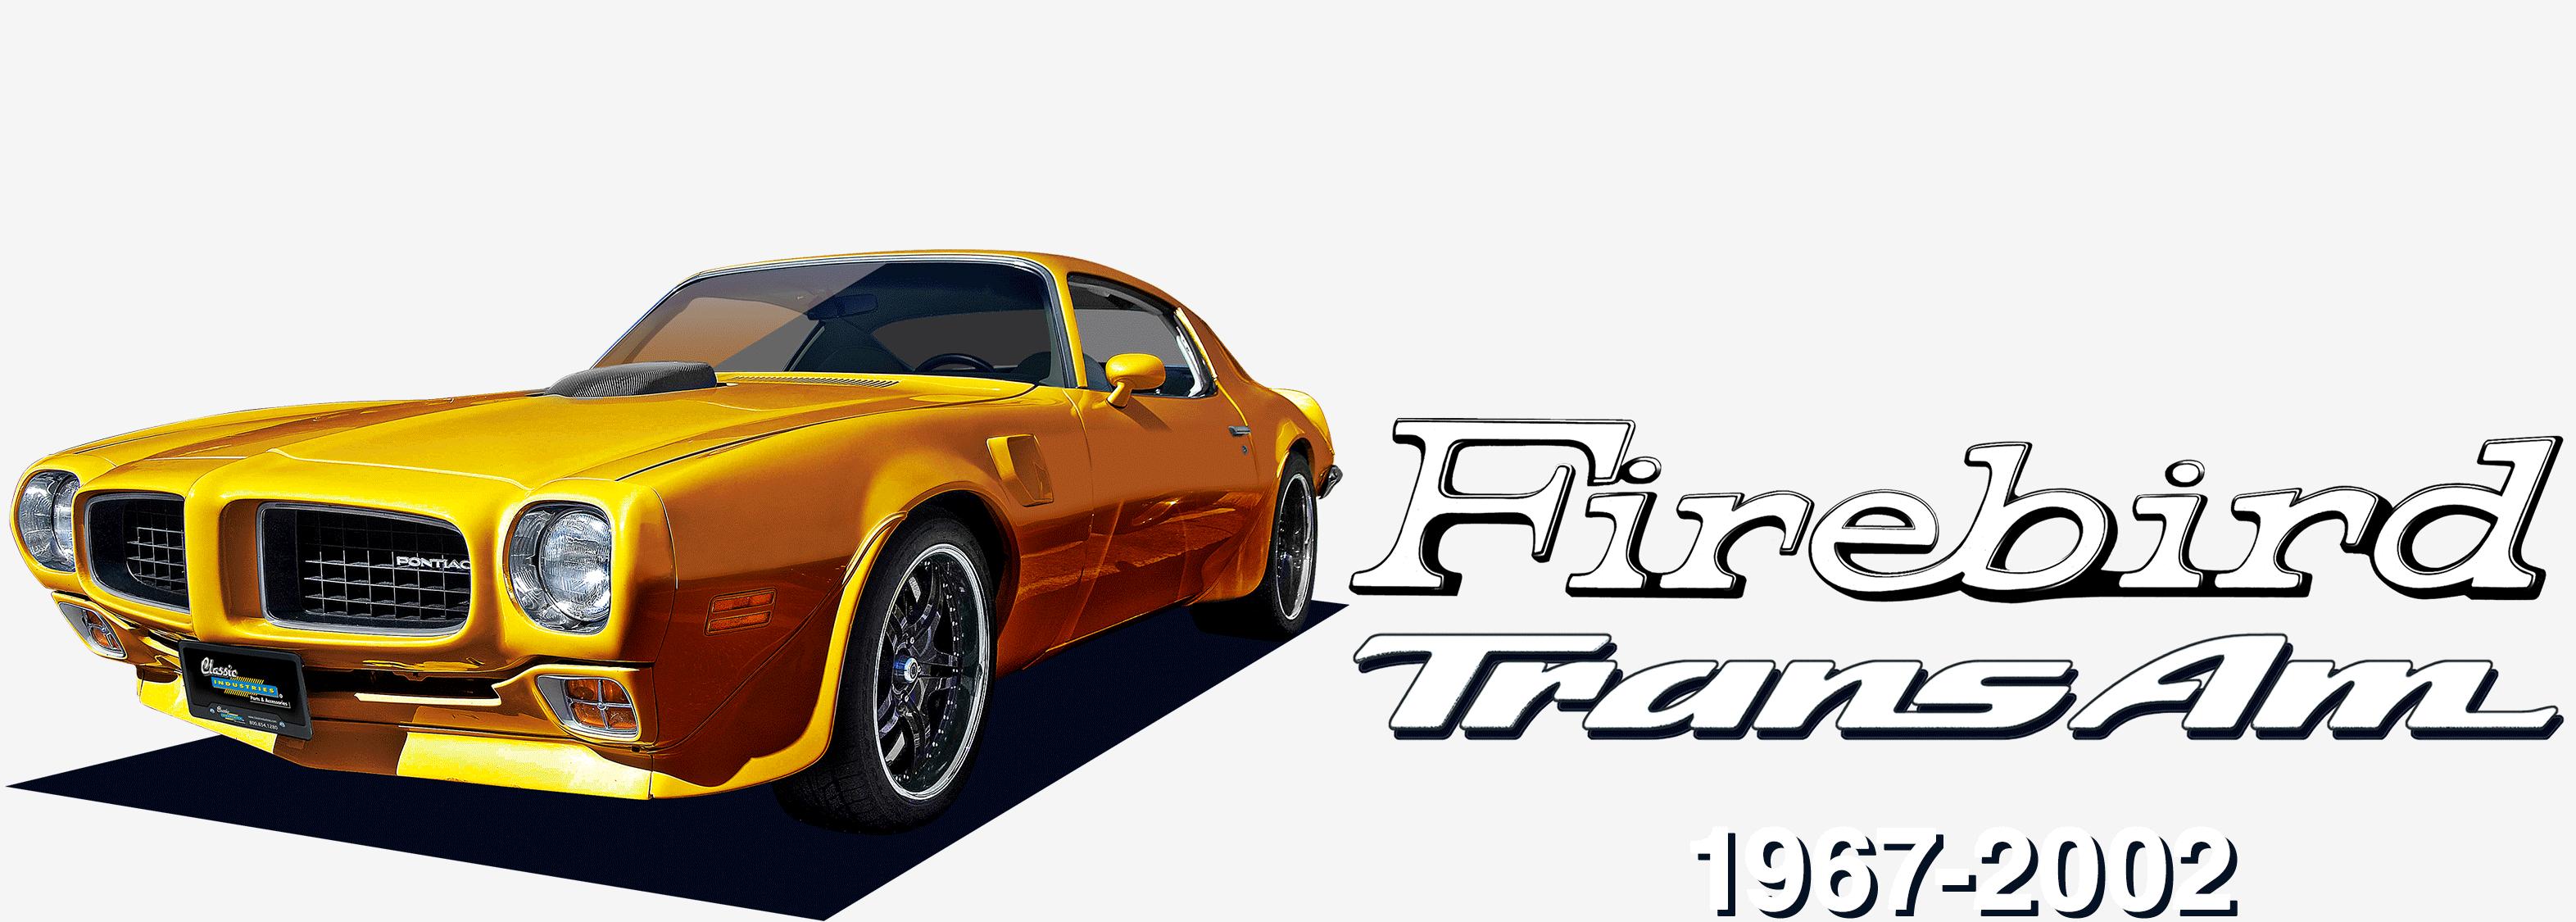 Firebird-Prod-Vehicle-desktop.png